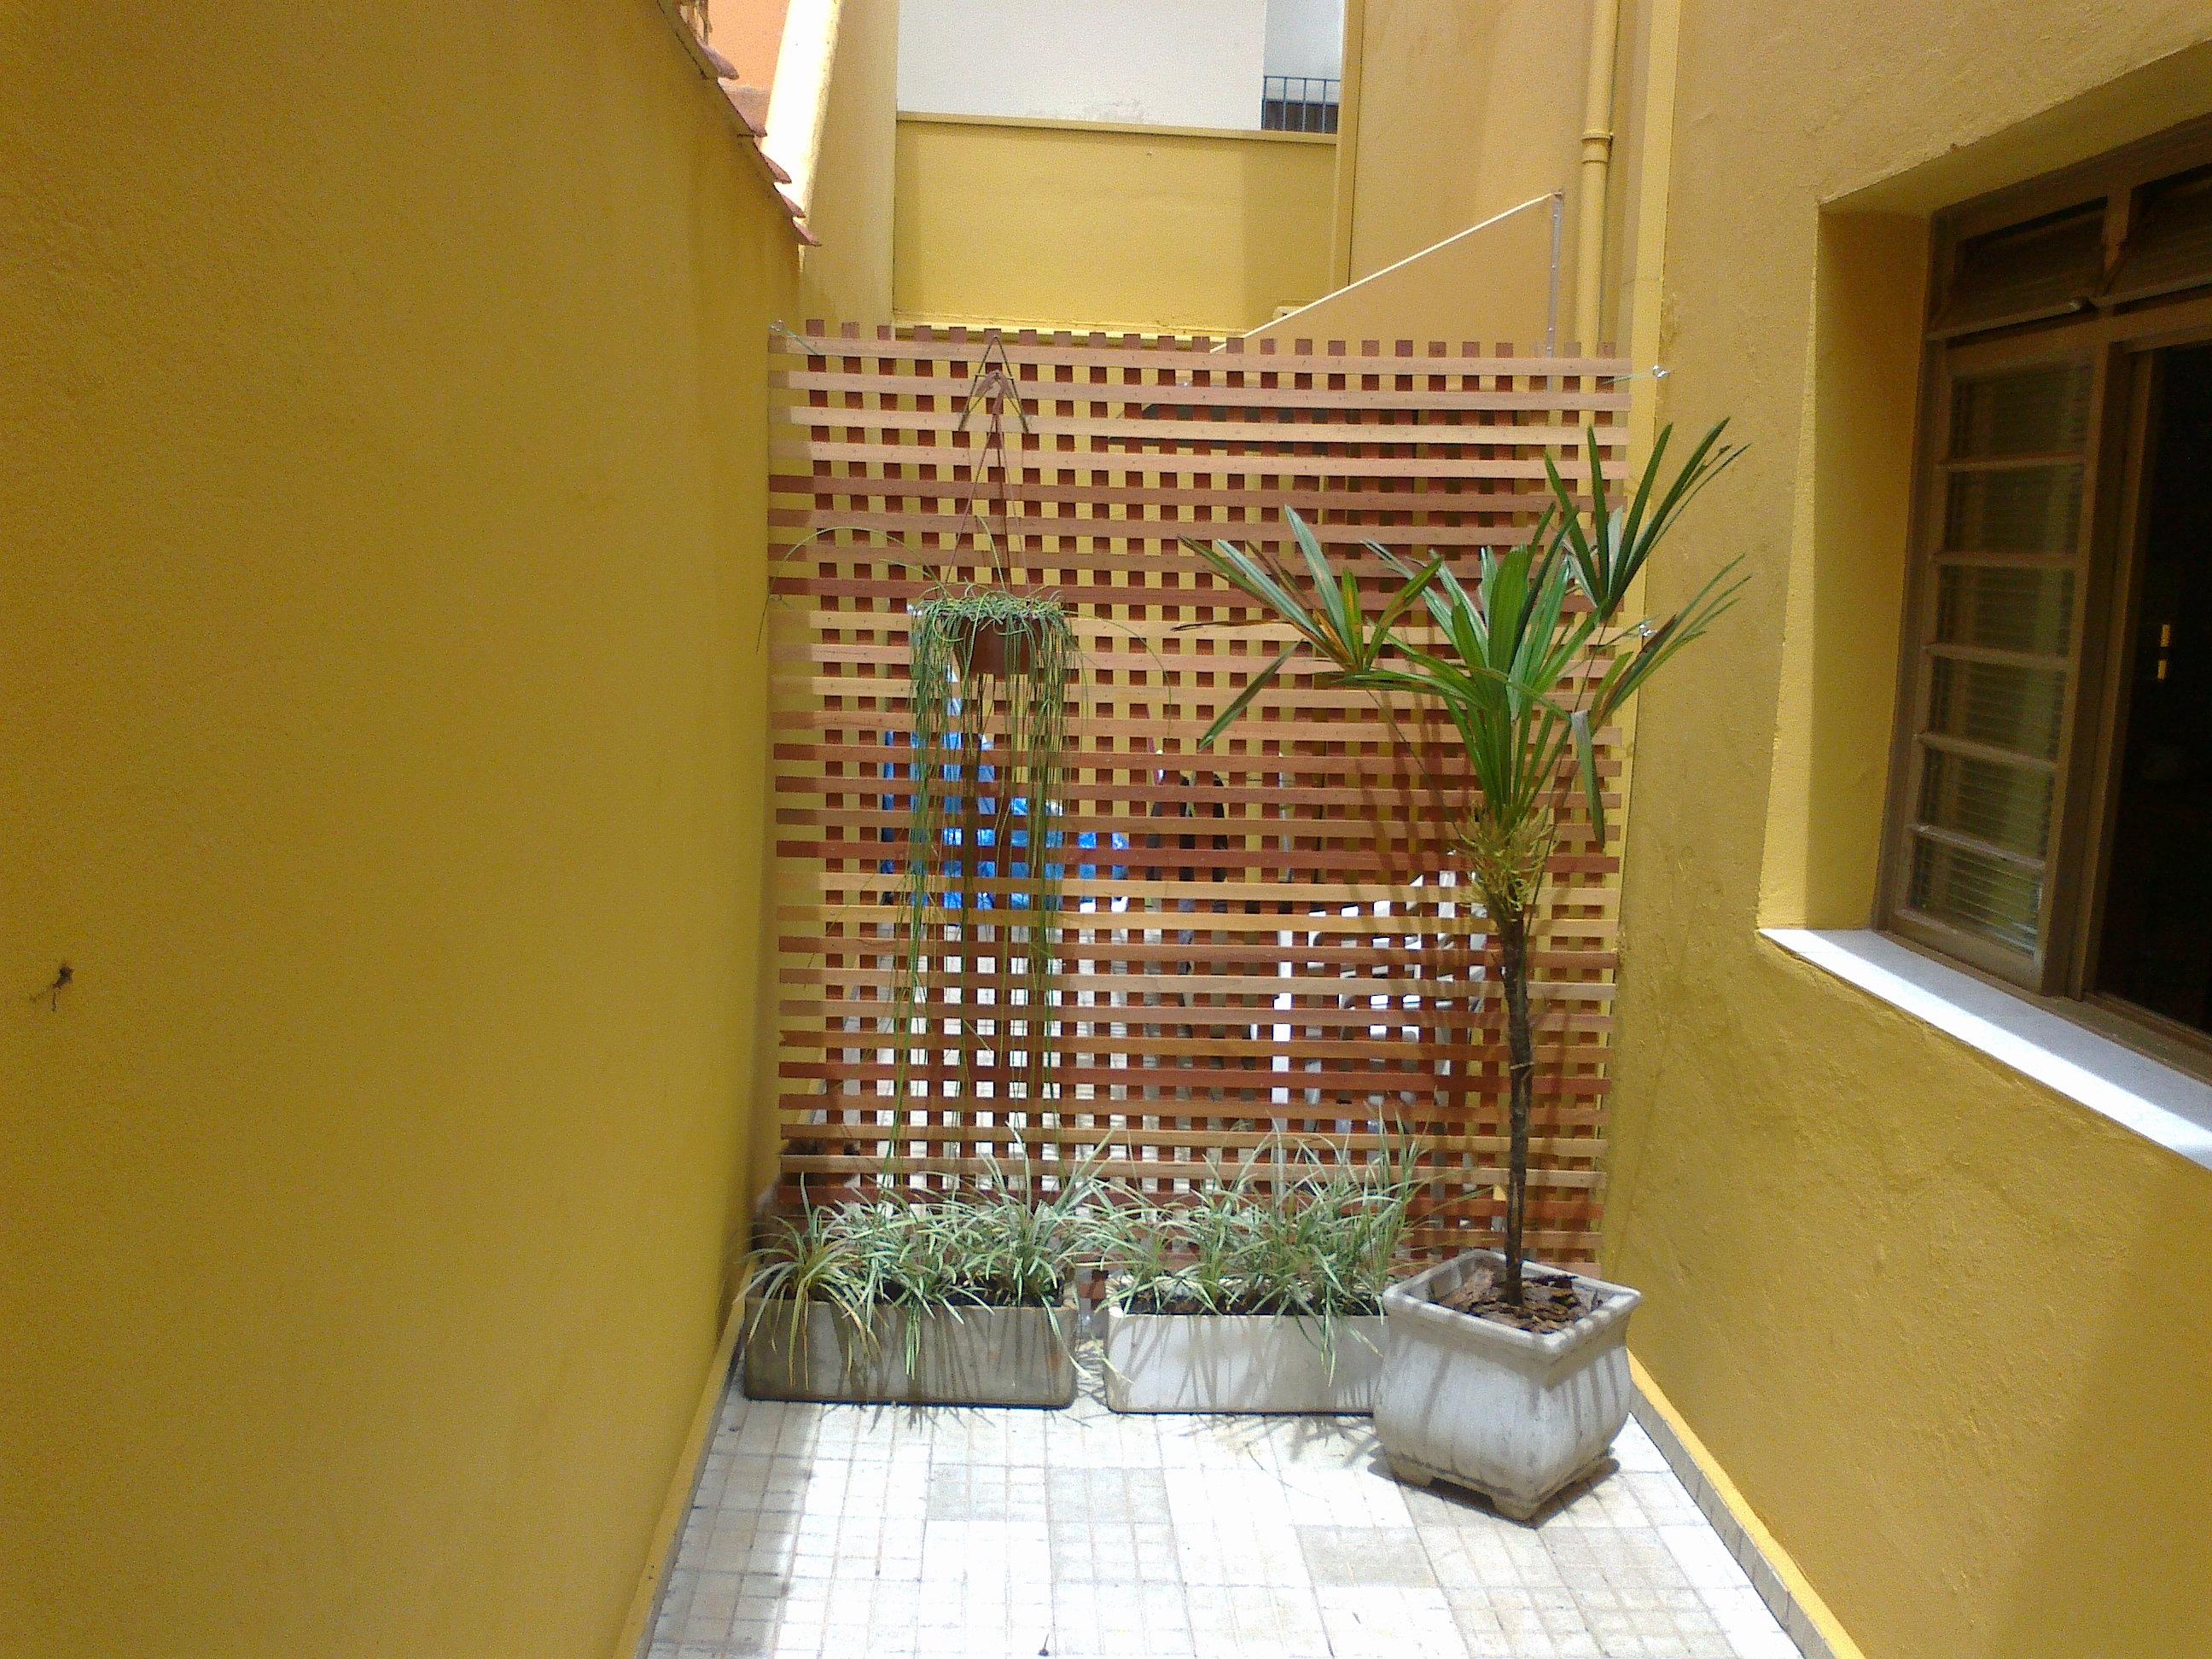 trelica jardim madeira:WR Decorações – Decoração em madeira para jardins e area de lazer